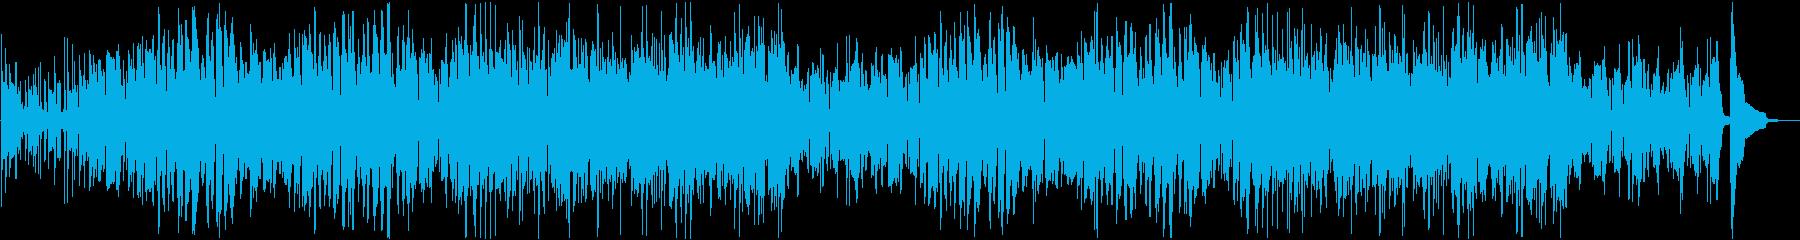 コミカルでかわいい渋谷系スウィングポップの再生済みの波形